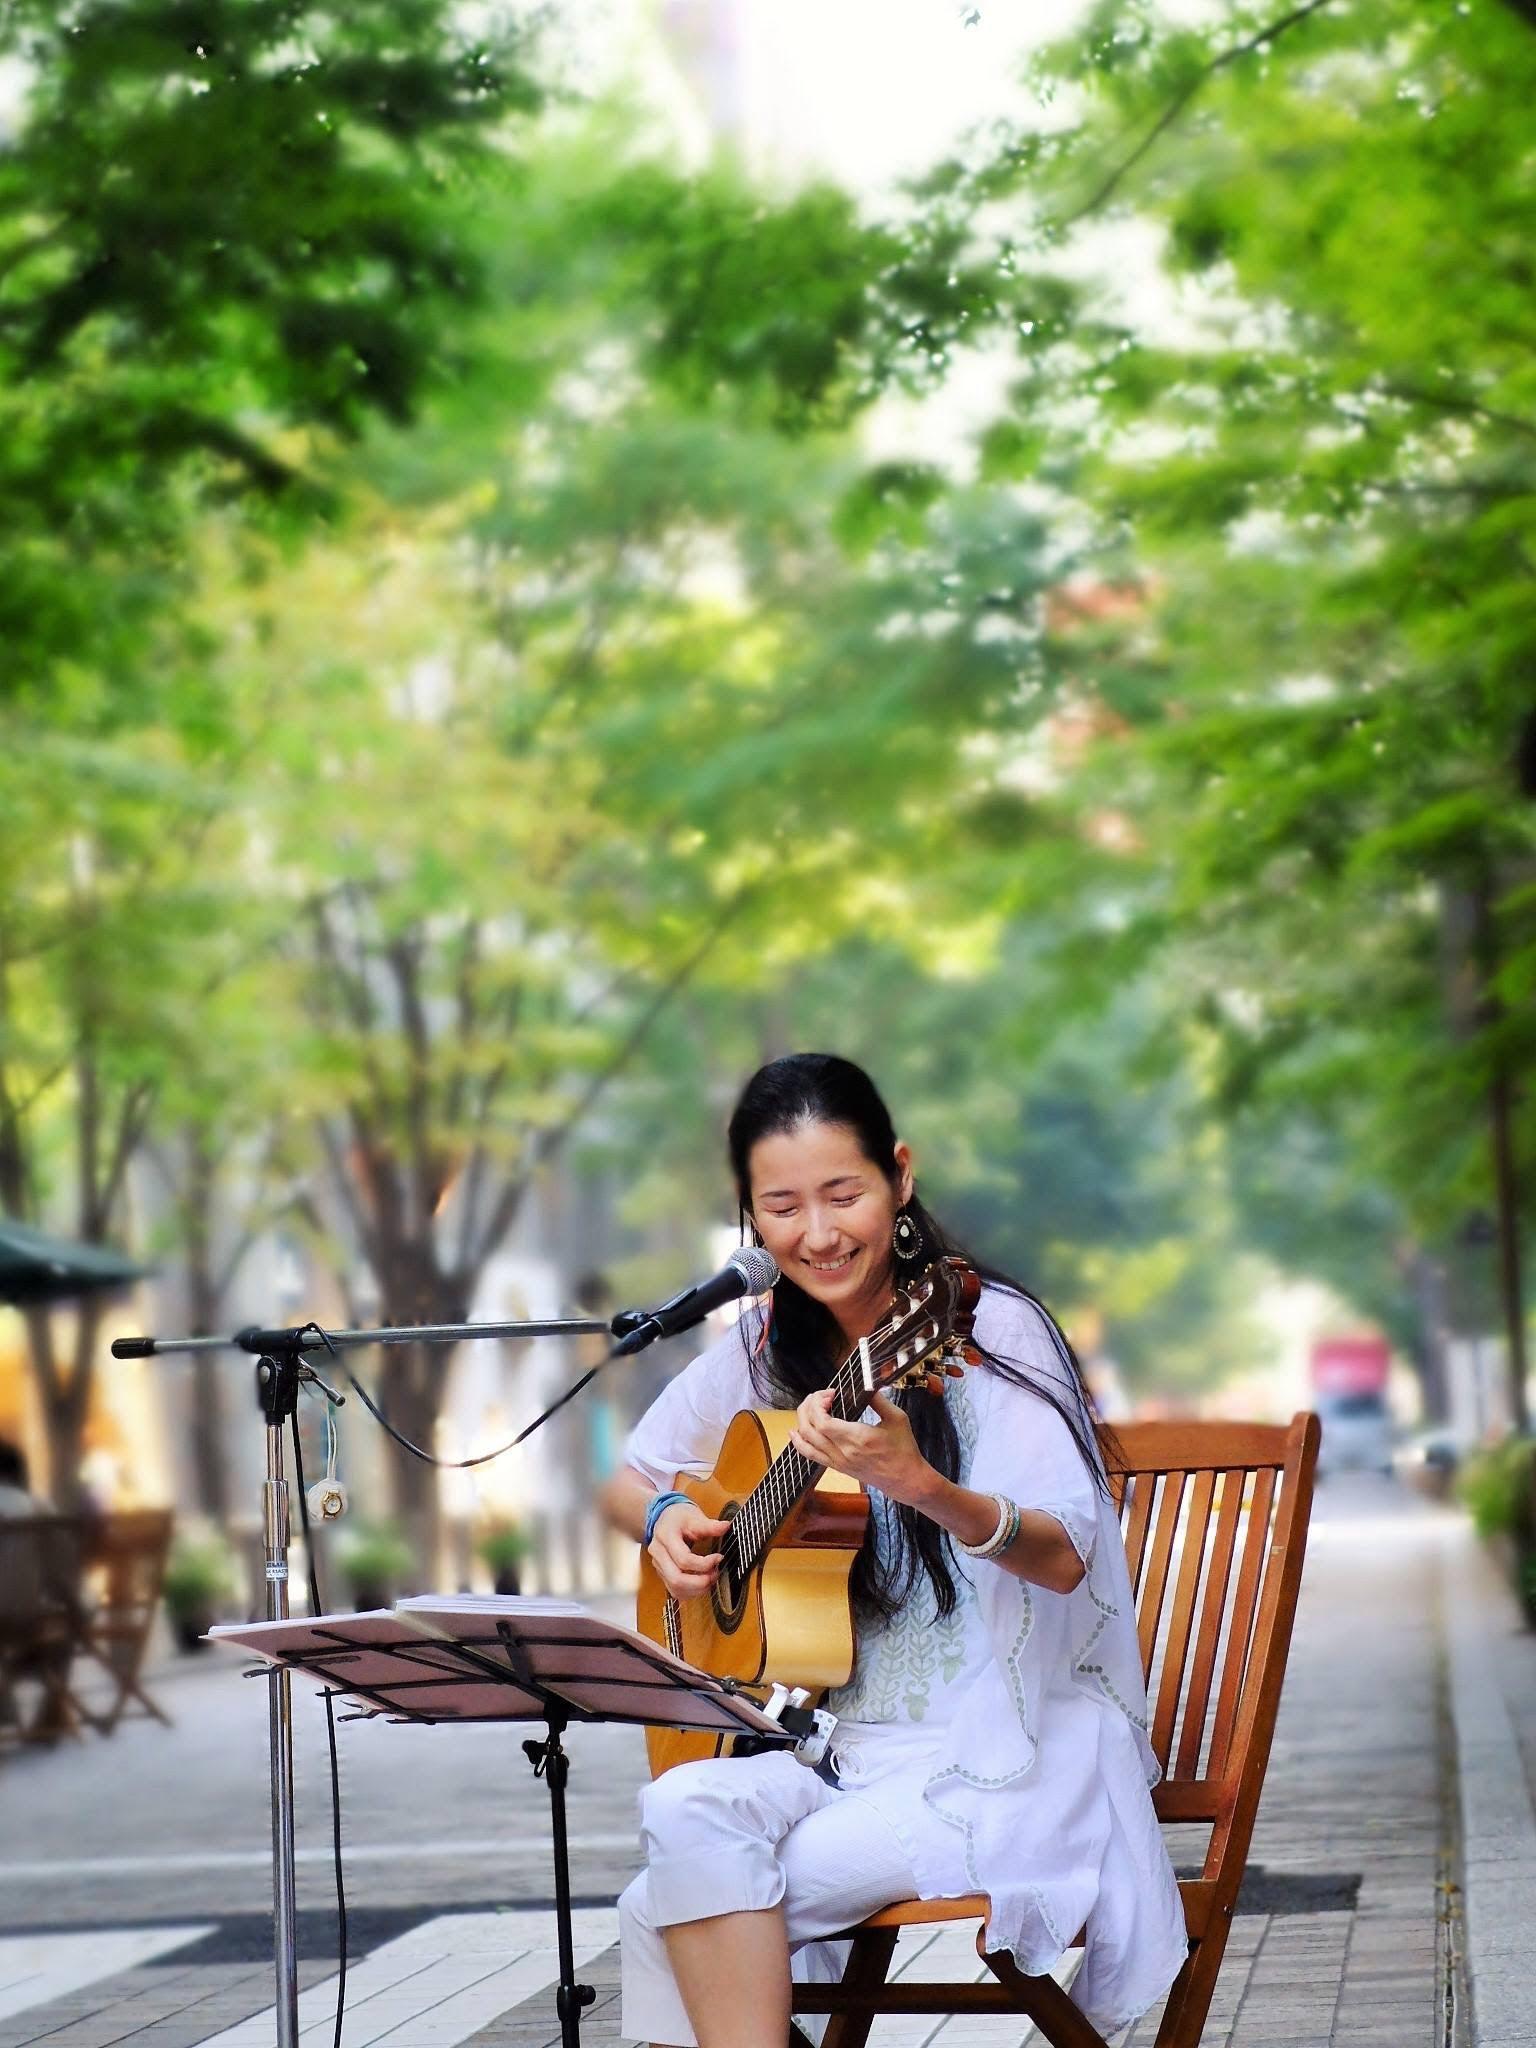 2015年(かな?)丸の内 野外イベント・NPO法人 街角に音楽を(Photo: Fusao Ito)